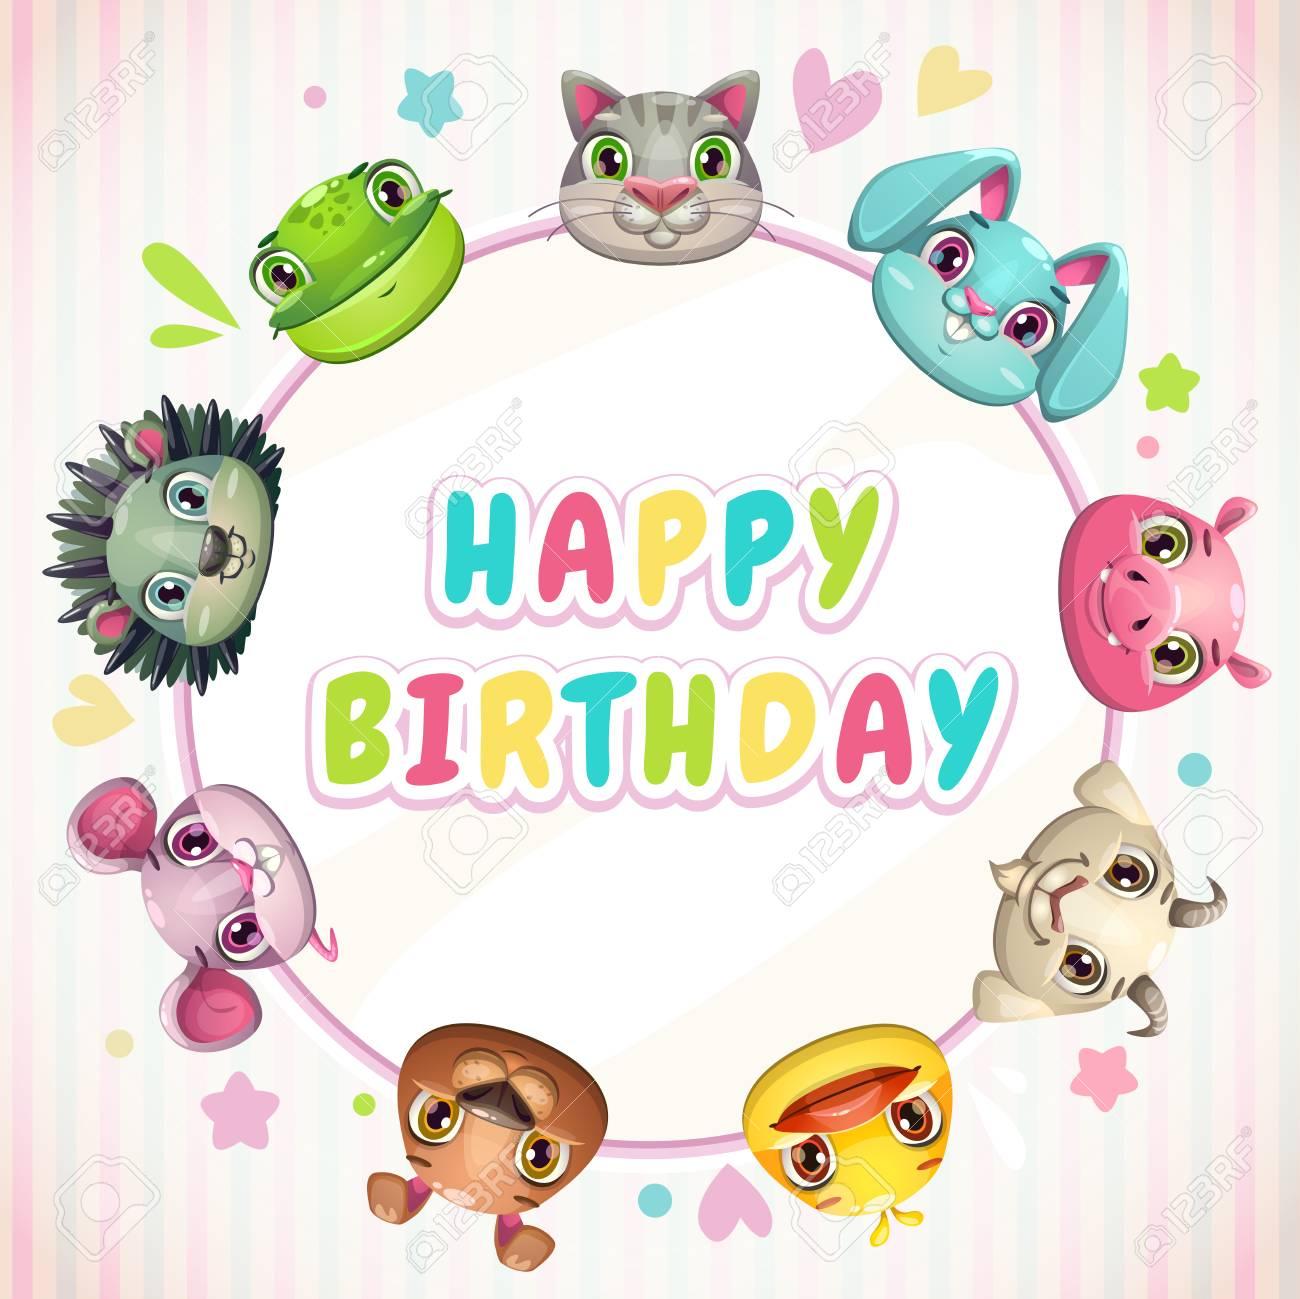 Plantilla De Tarjeta De Cumpleaños Infantil Lindo Con Caras De Animales Divertidos Dibujos Animados Banner De Invitación De Fiesta De Bebé